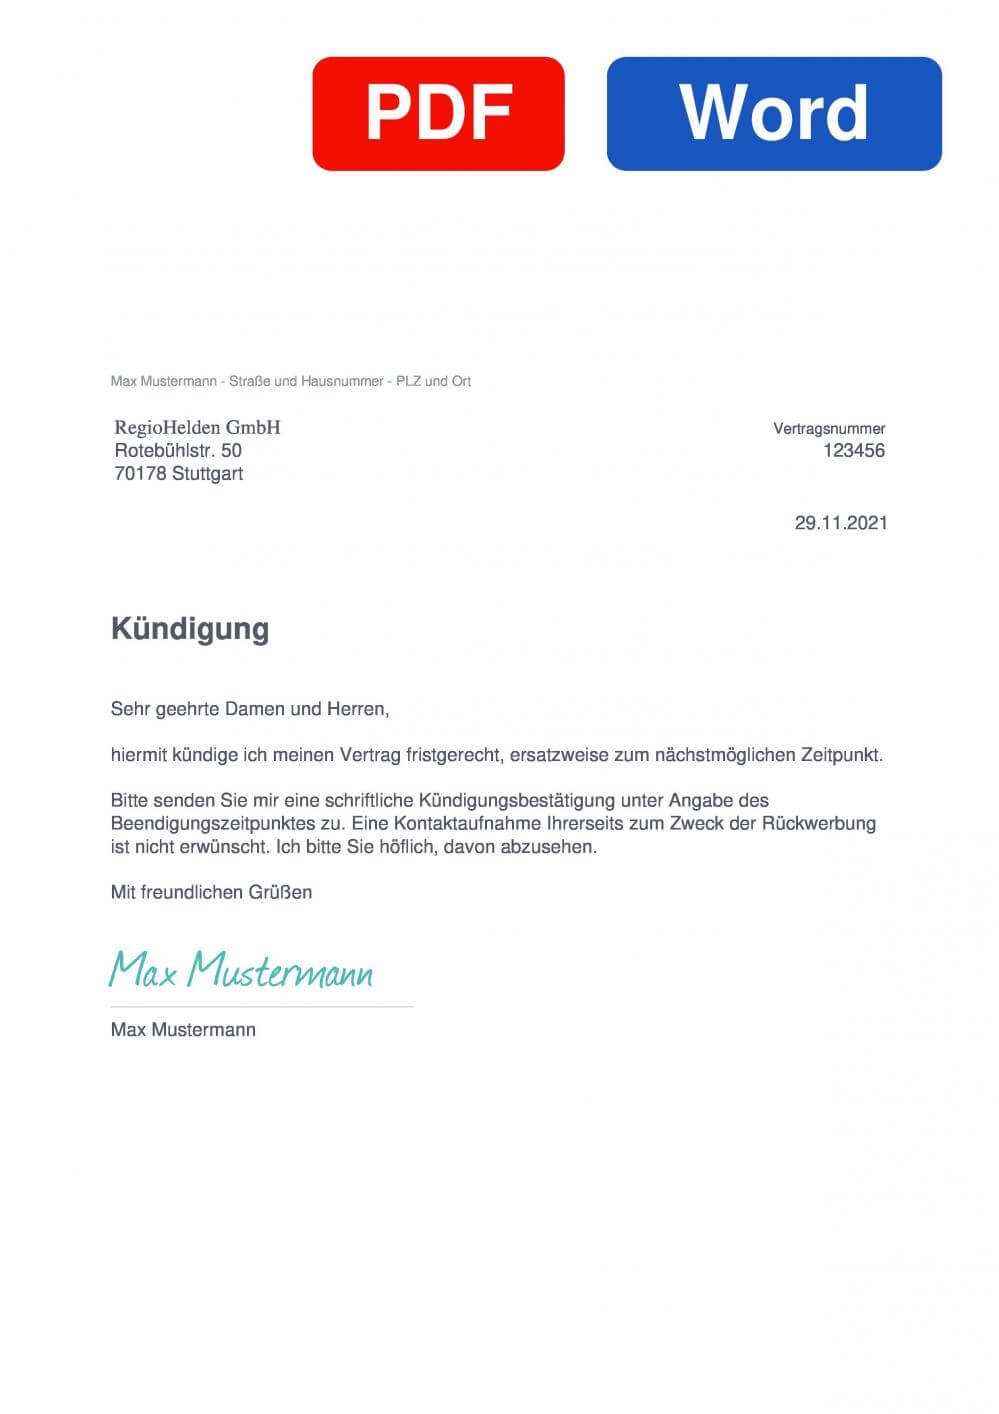 RegioHelden Muster Vorlage für Kündigungsschreiben